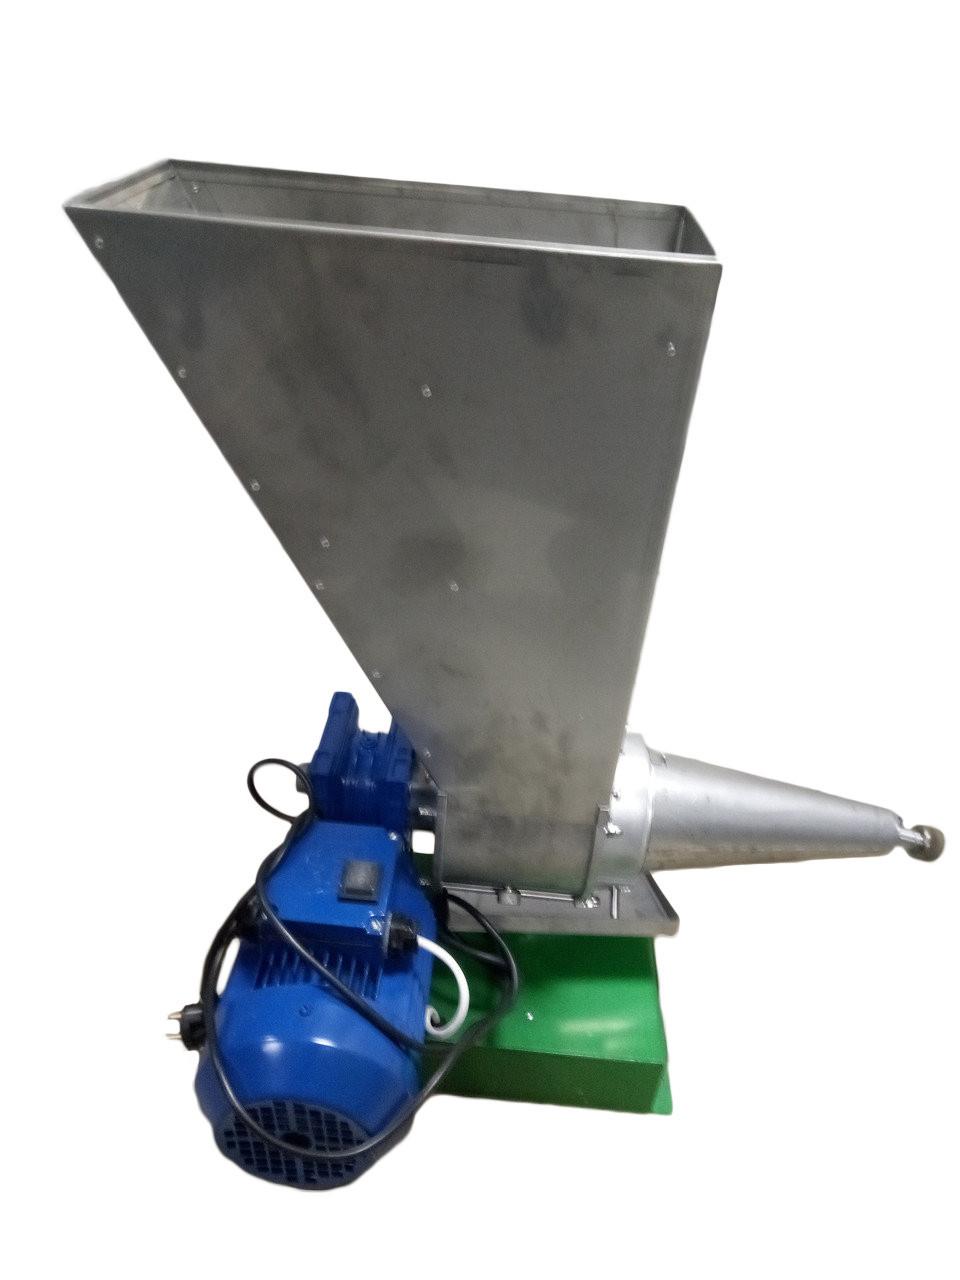 Електрична соковижималка для яблук помідорів і винограду Шнекова з редуктором з нержавійки СШ -1 220В